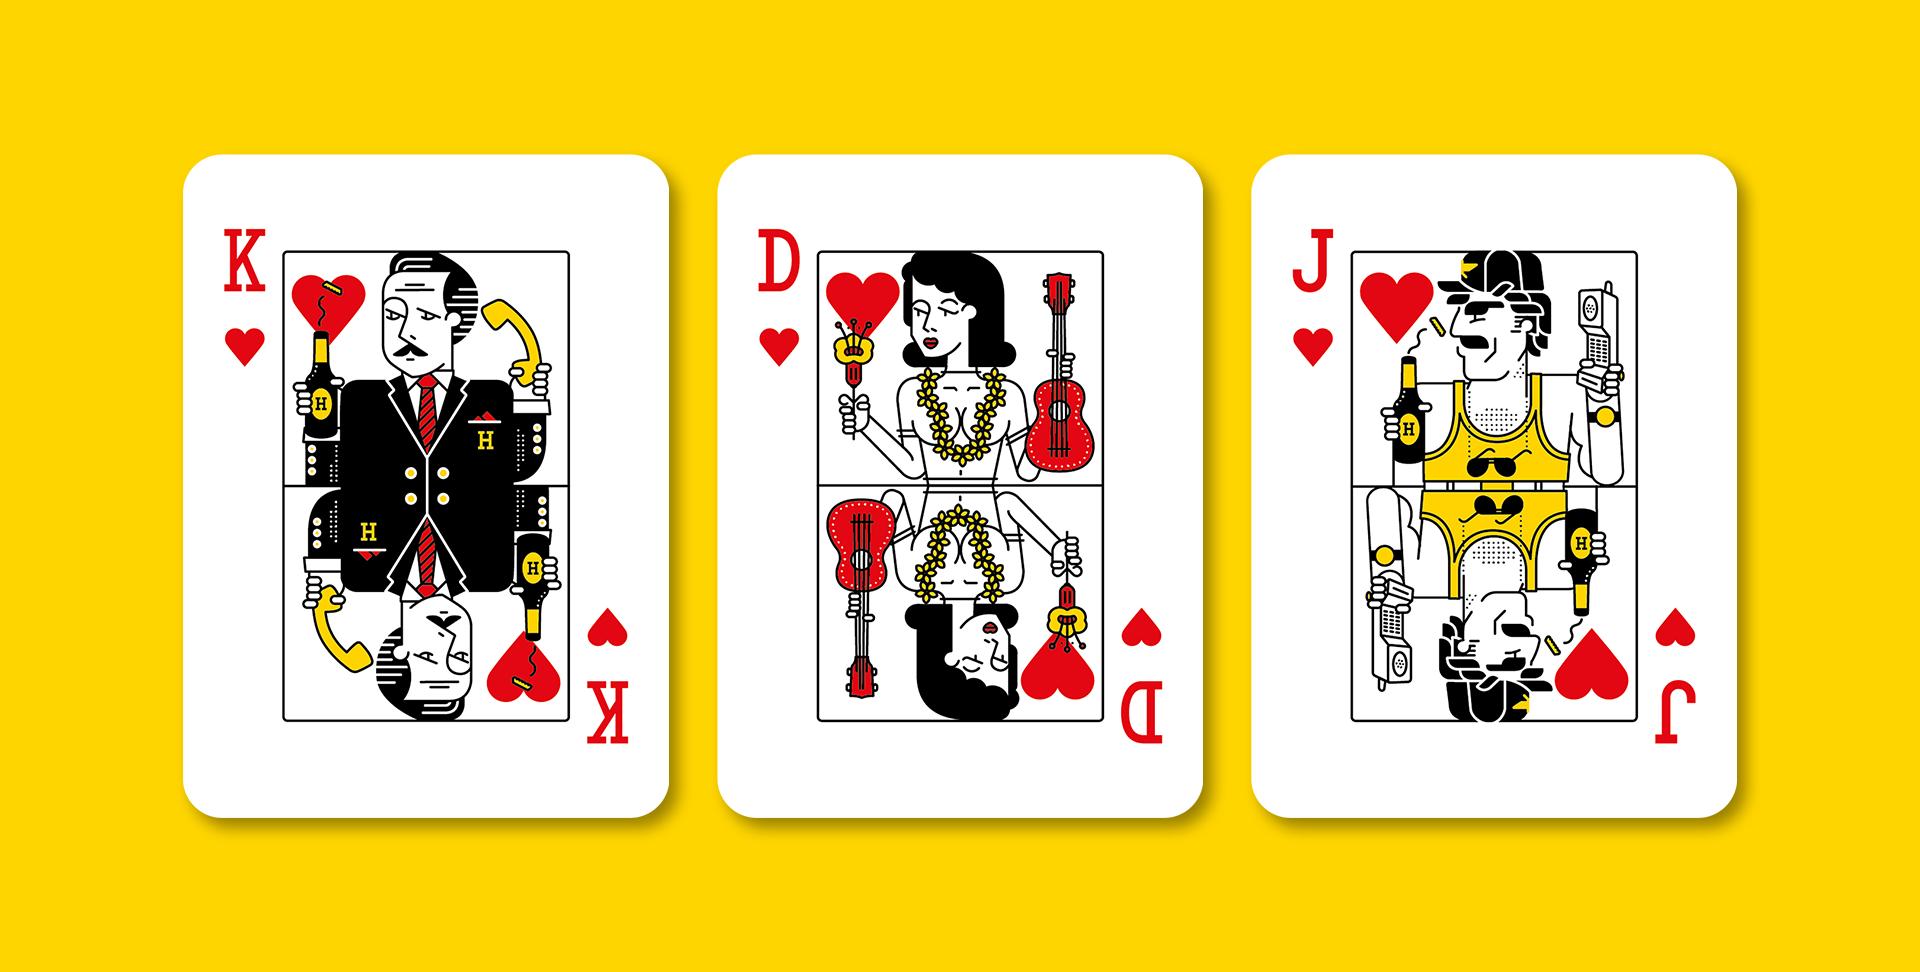 191128_higgins-cards_slide_02